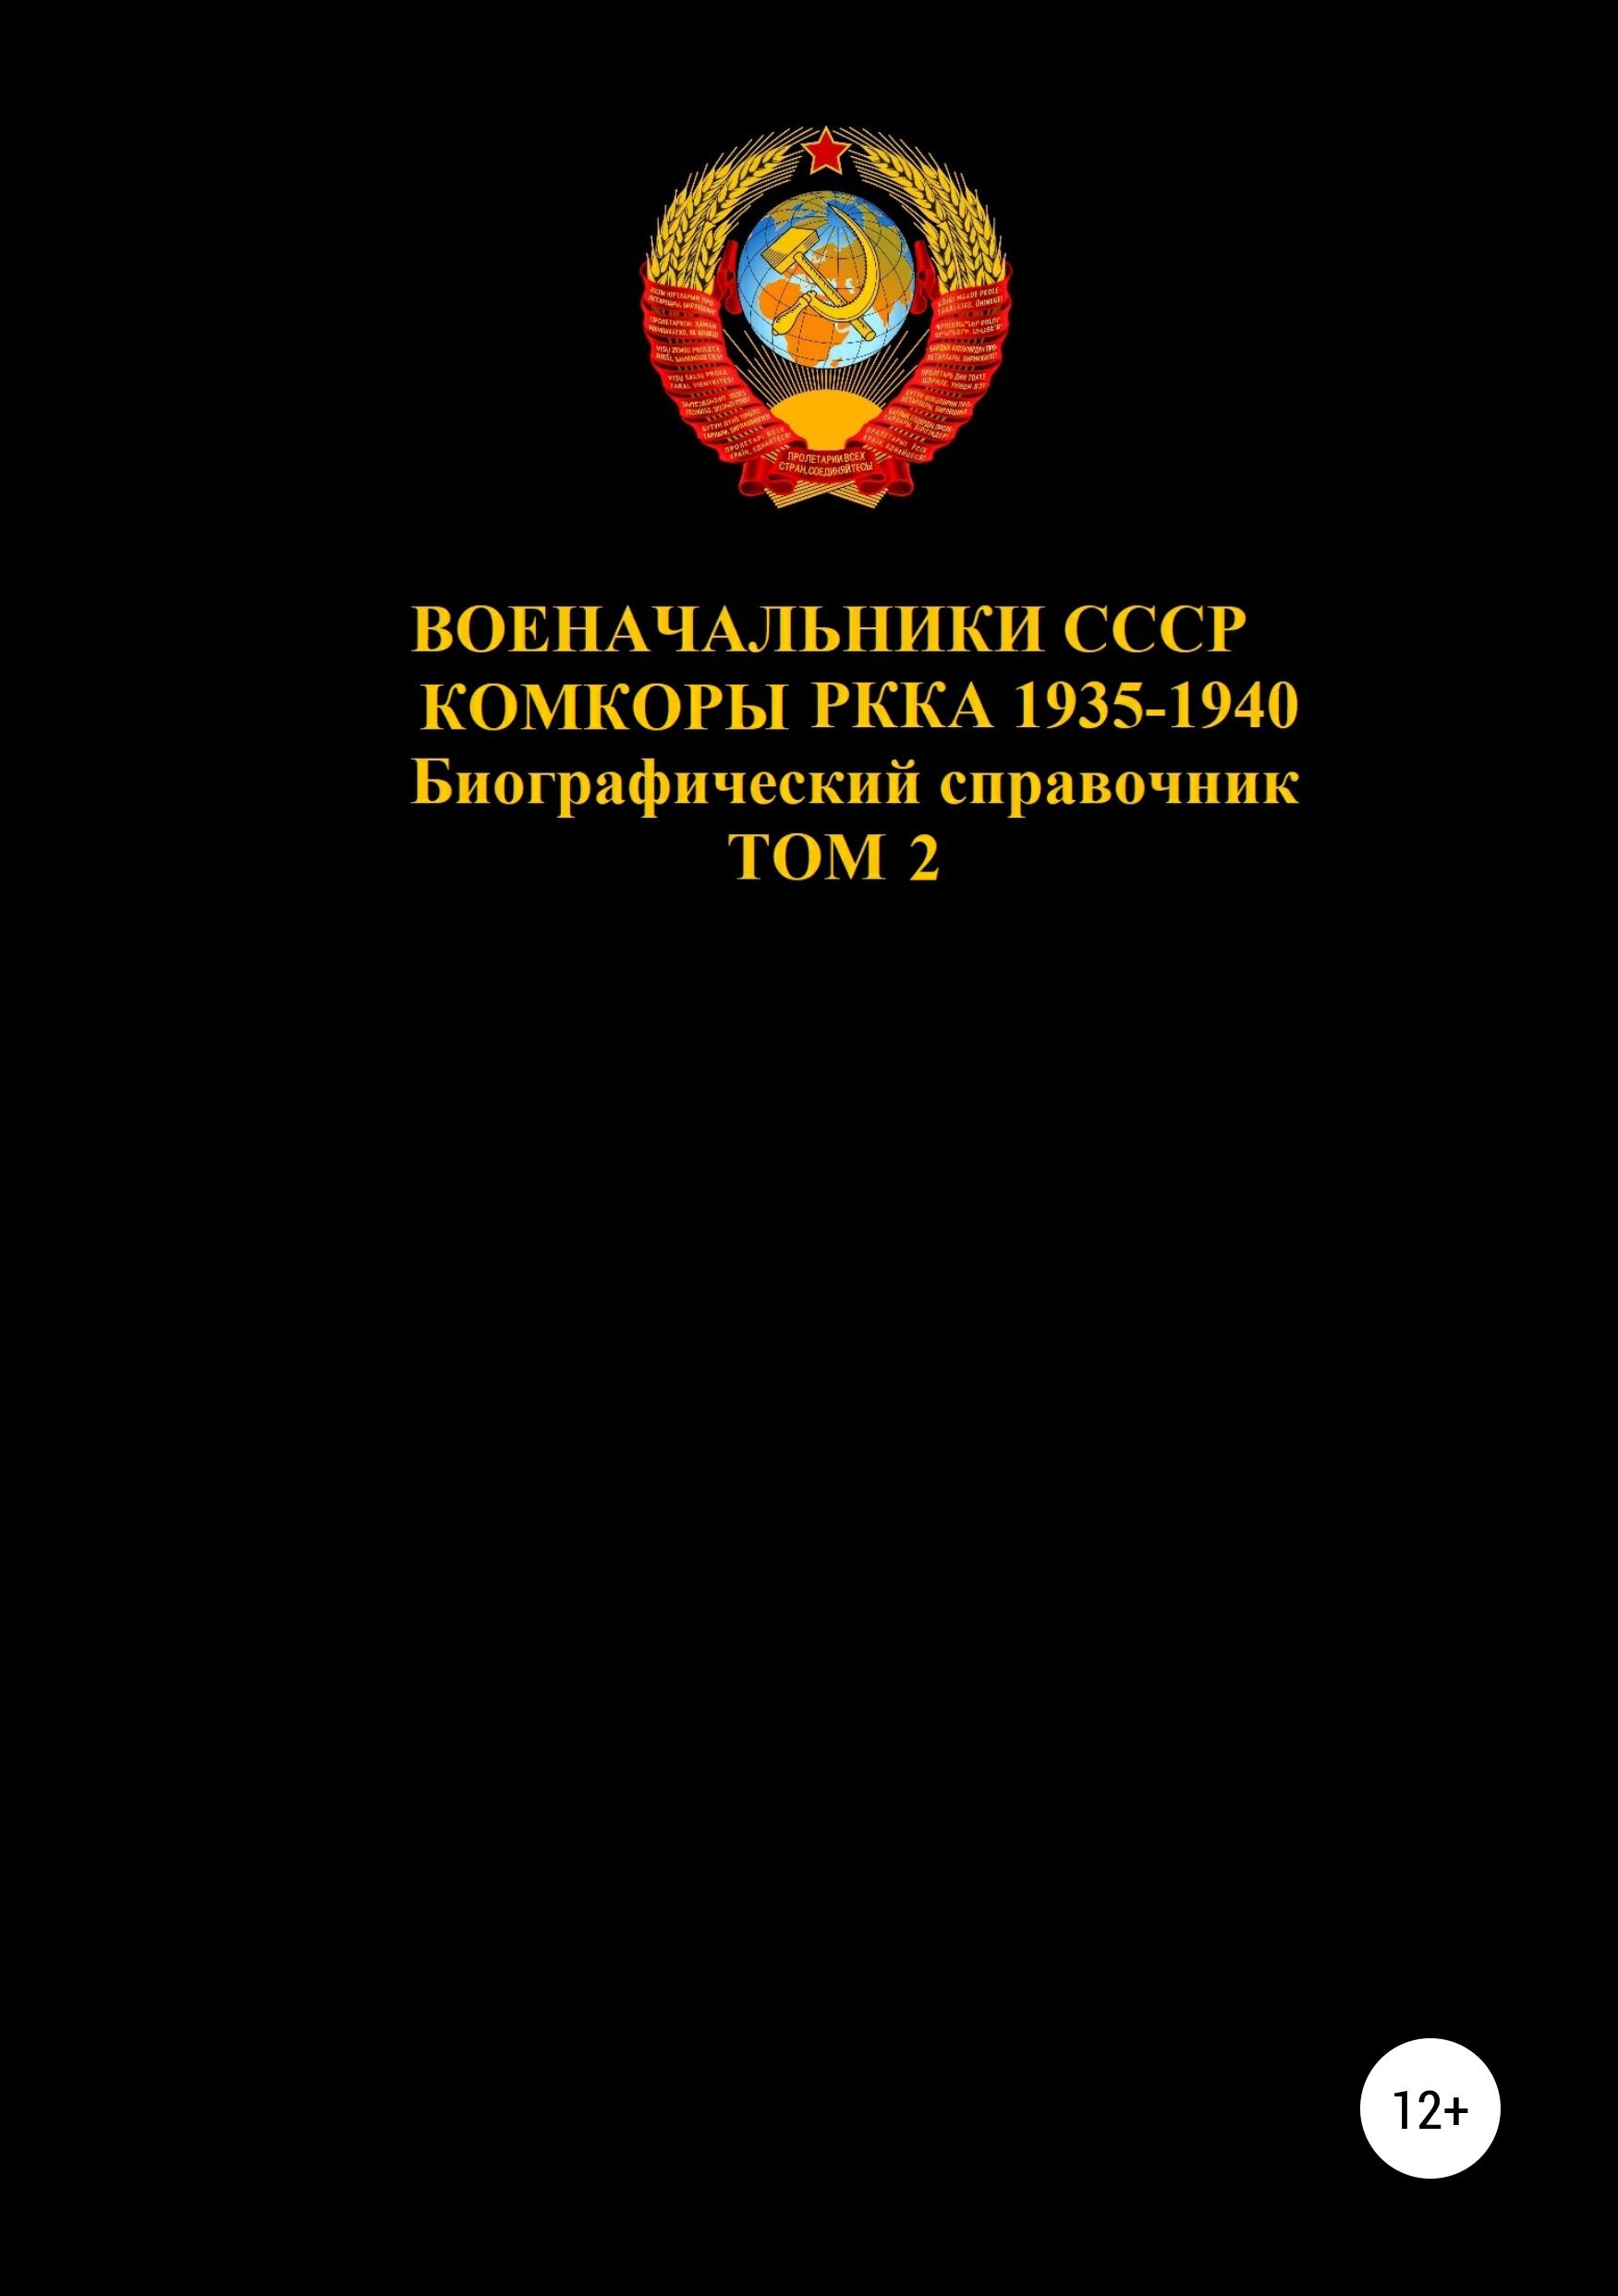 Военачальники СССР. Комкоры РККА 1935-1940. Том 2